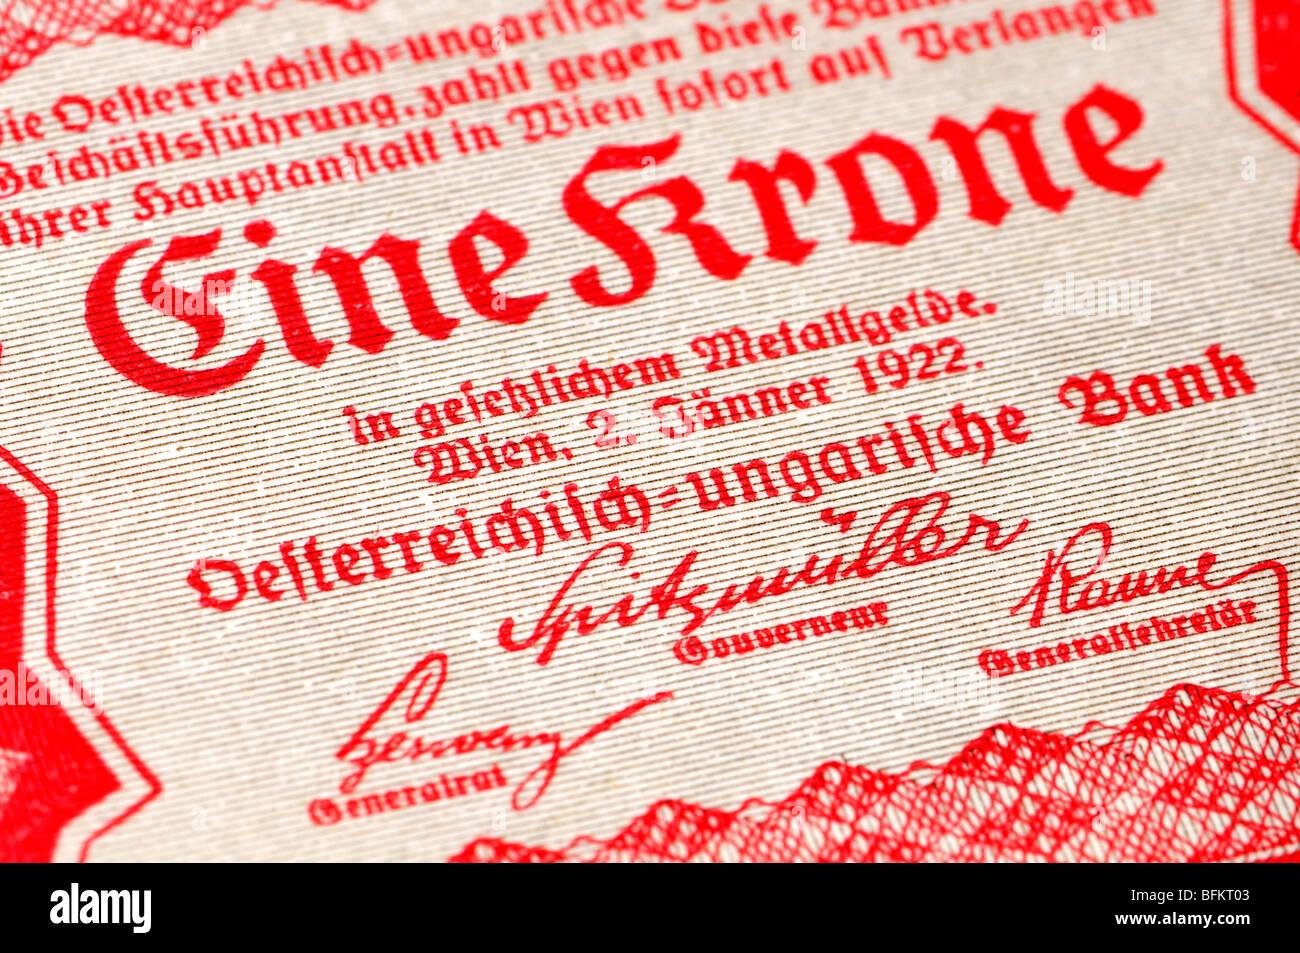 Austro-Hungarian One Crown (Eine Krone) Banknote, Vienna, 1922. Detail - Stock Image